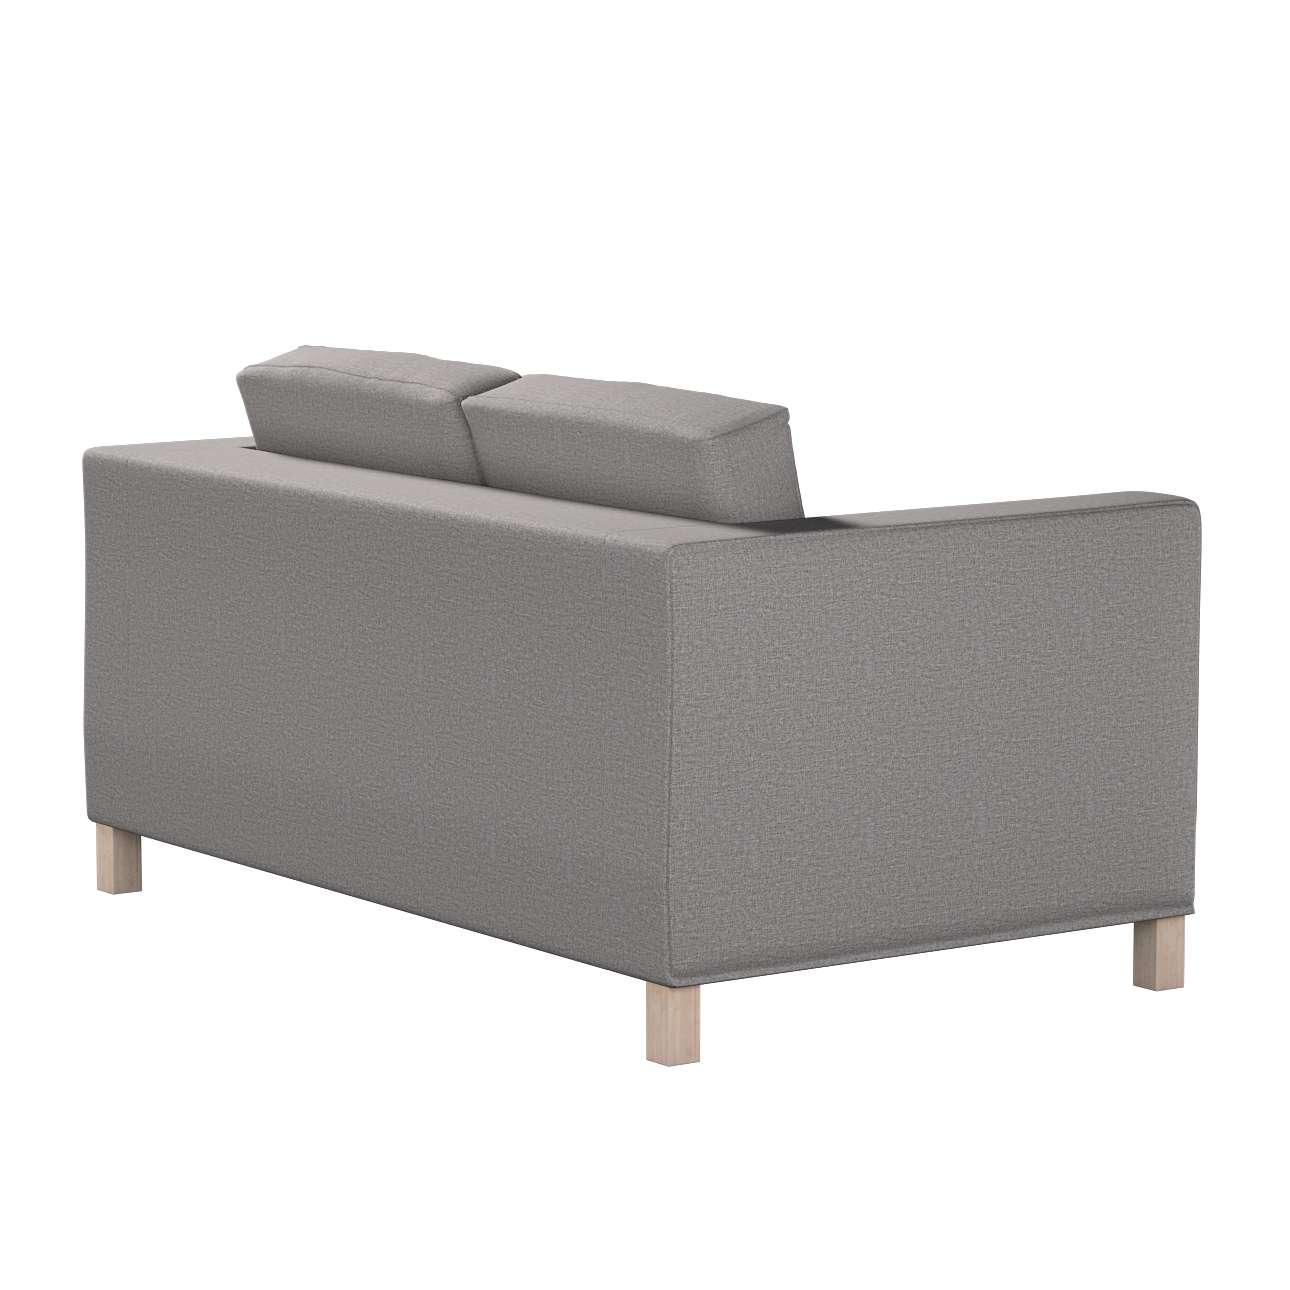 Bezug für Karlanda 2-Sitzer Sofa nicht ausklappbar, kurz von der Kollektion Edinburgh , Stoff: 115-81